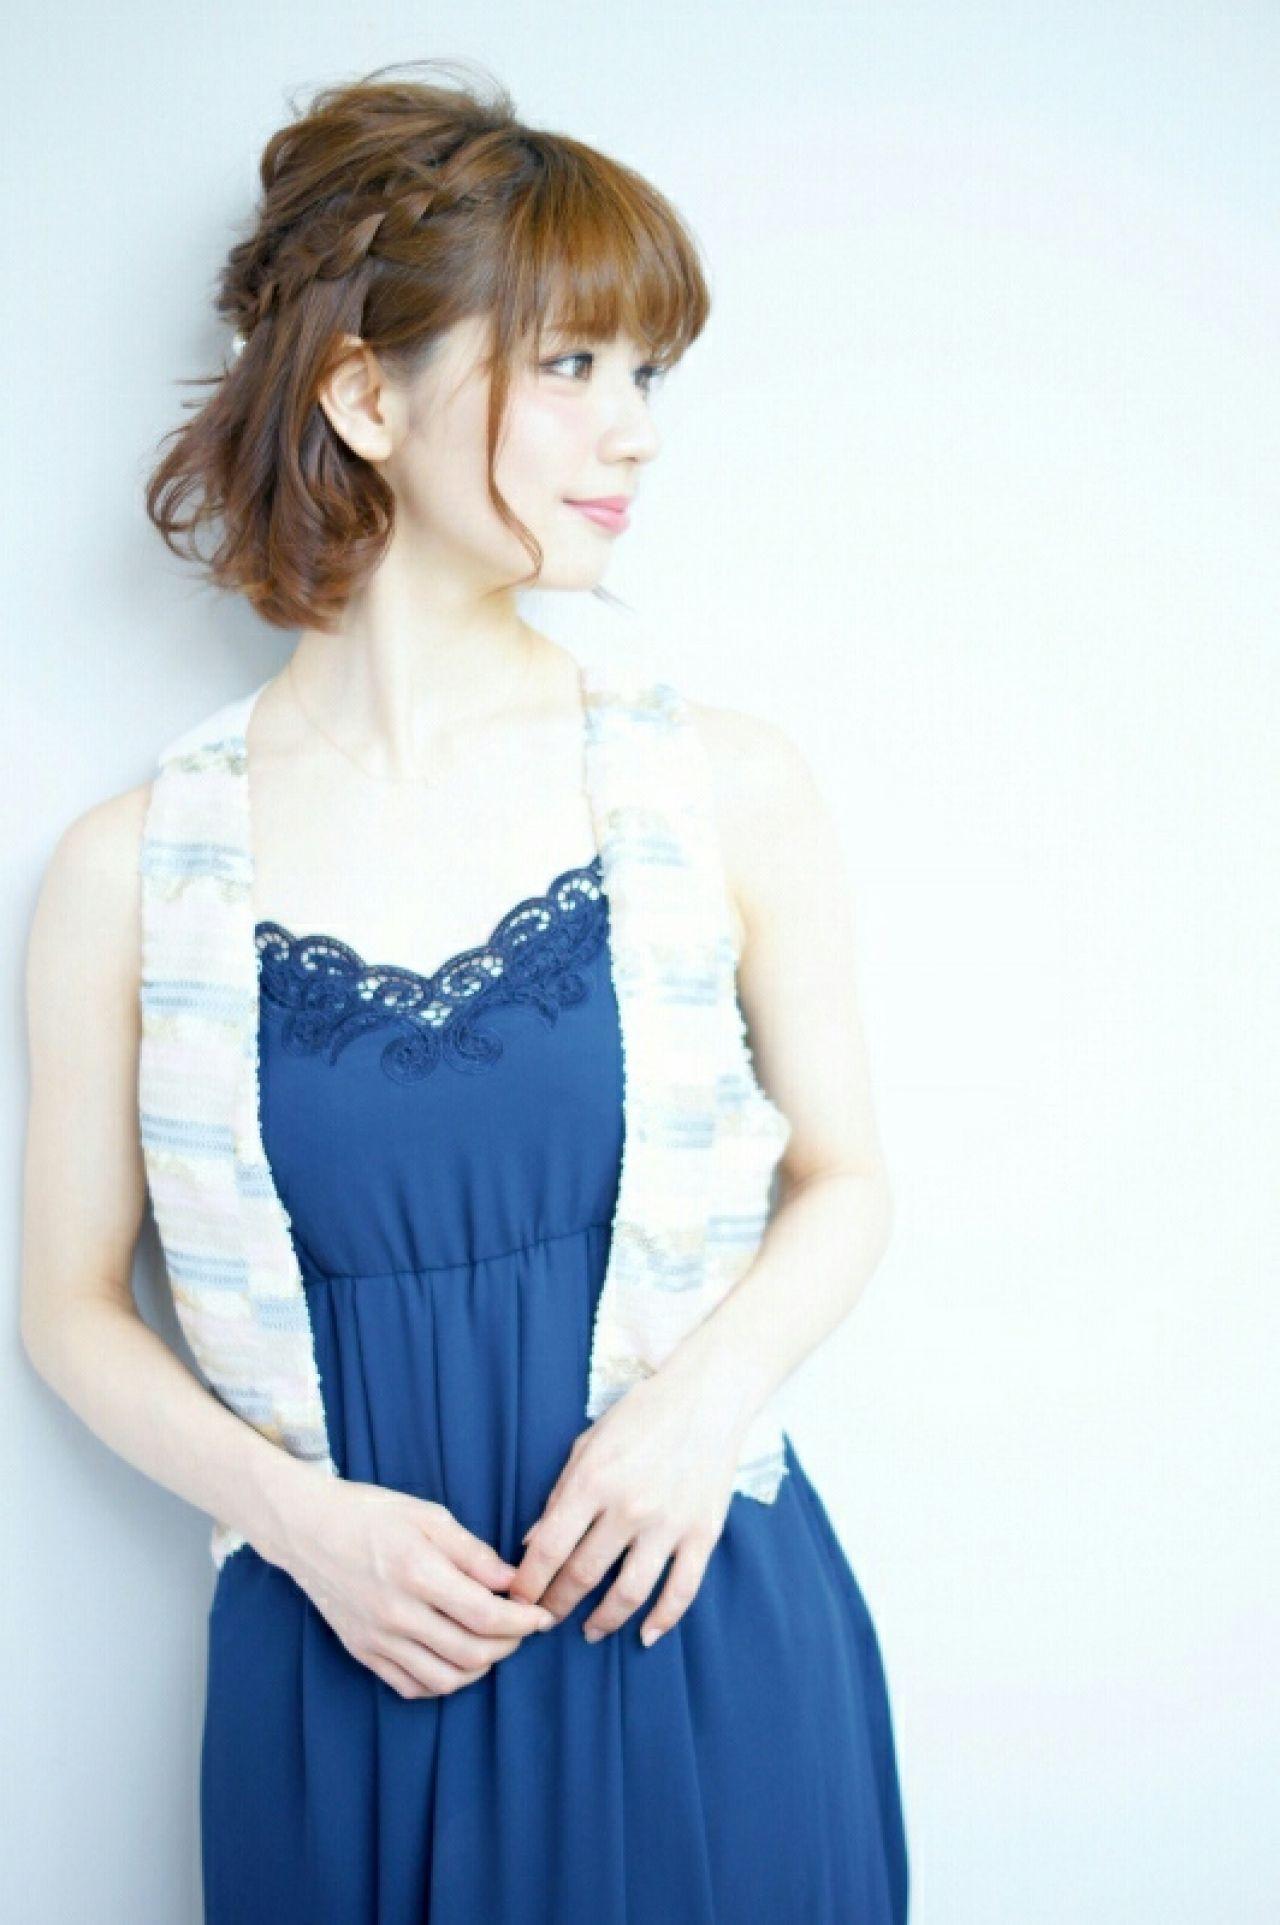 三つ編みのハーフアップで大人可愛い雰囲気に Ciel Hairdesign 代表 今田 亮